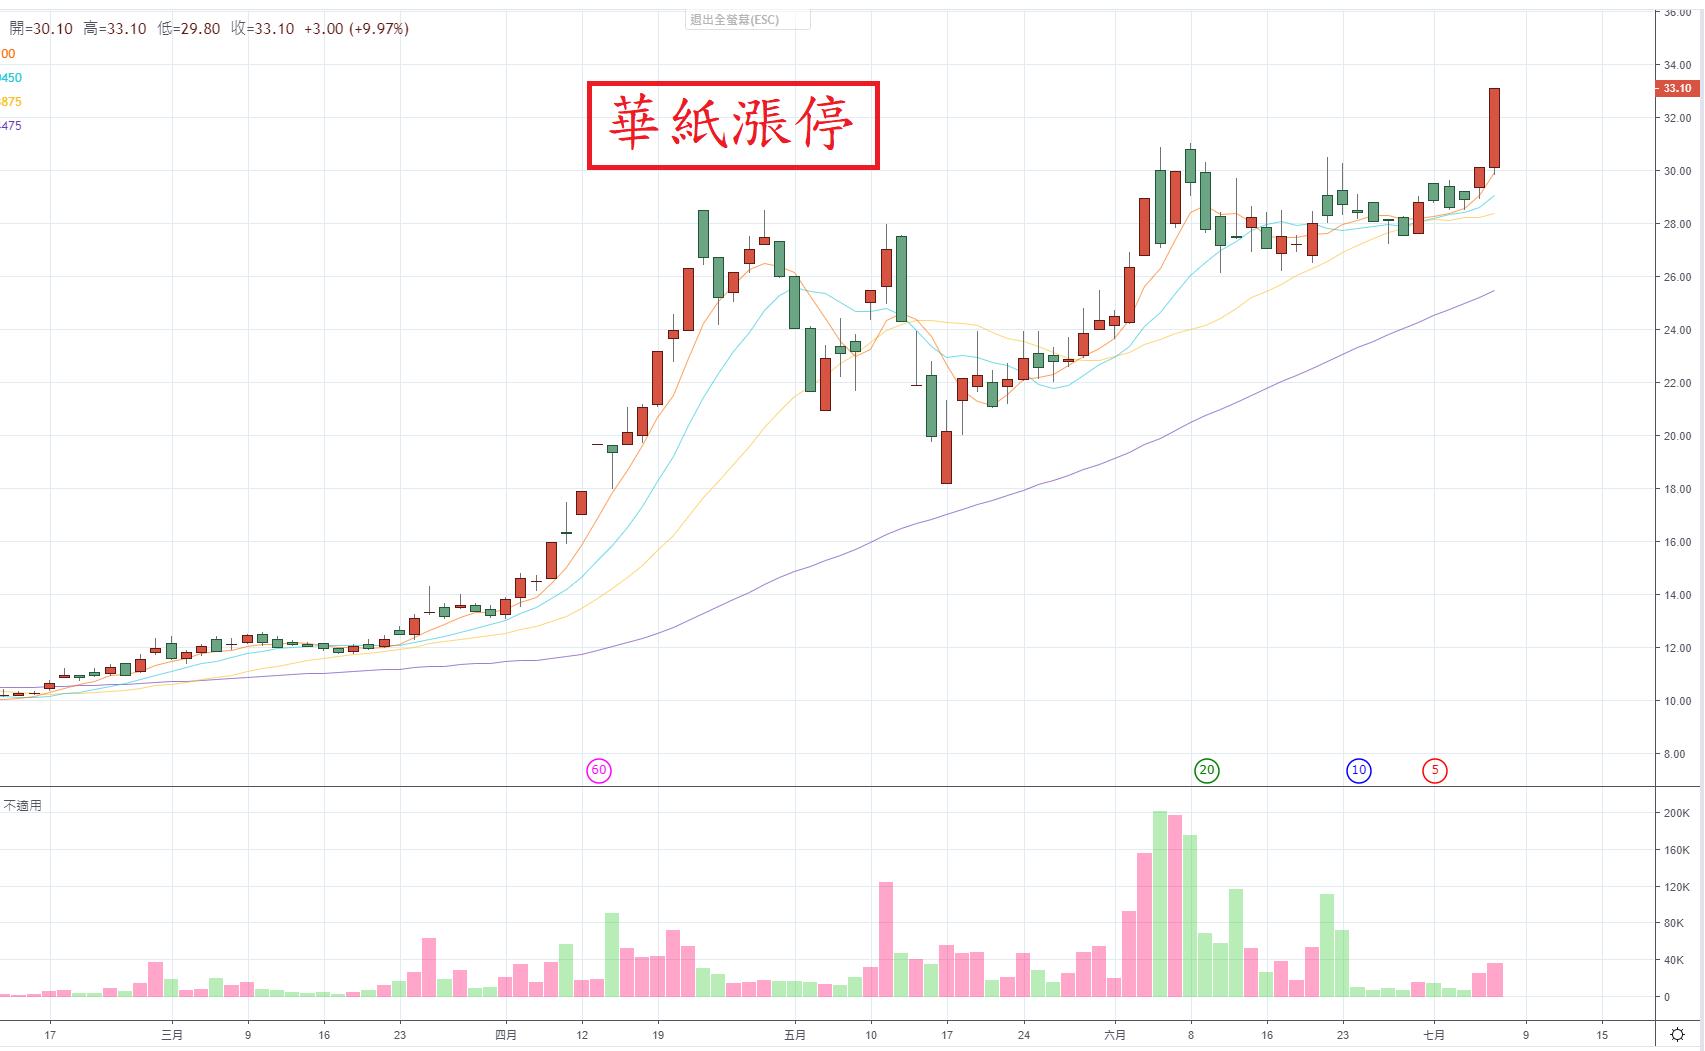 07月07日~~~山川戰法 股票 華紙噴出!!!